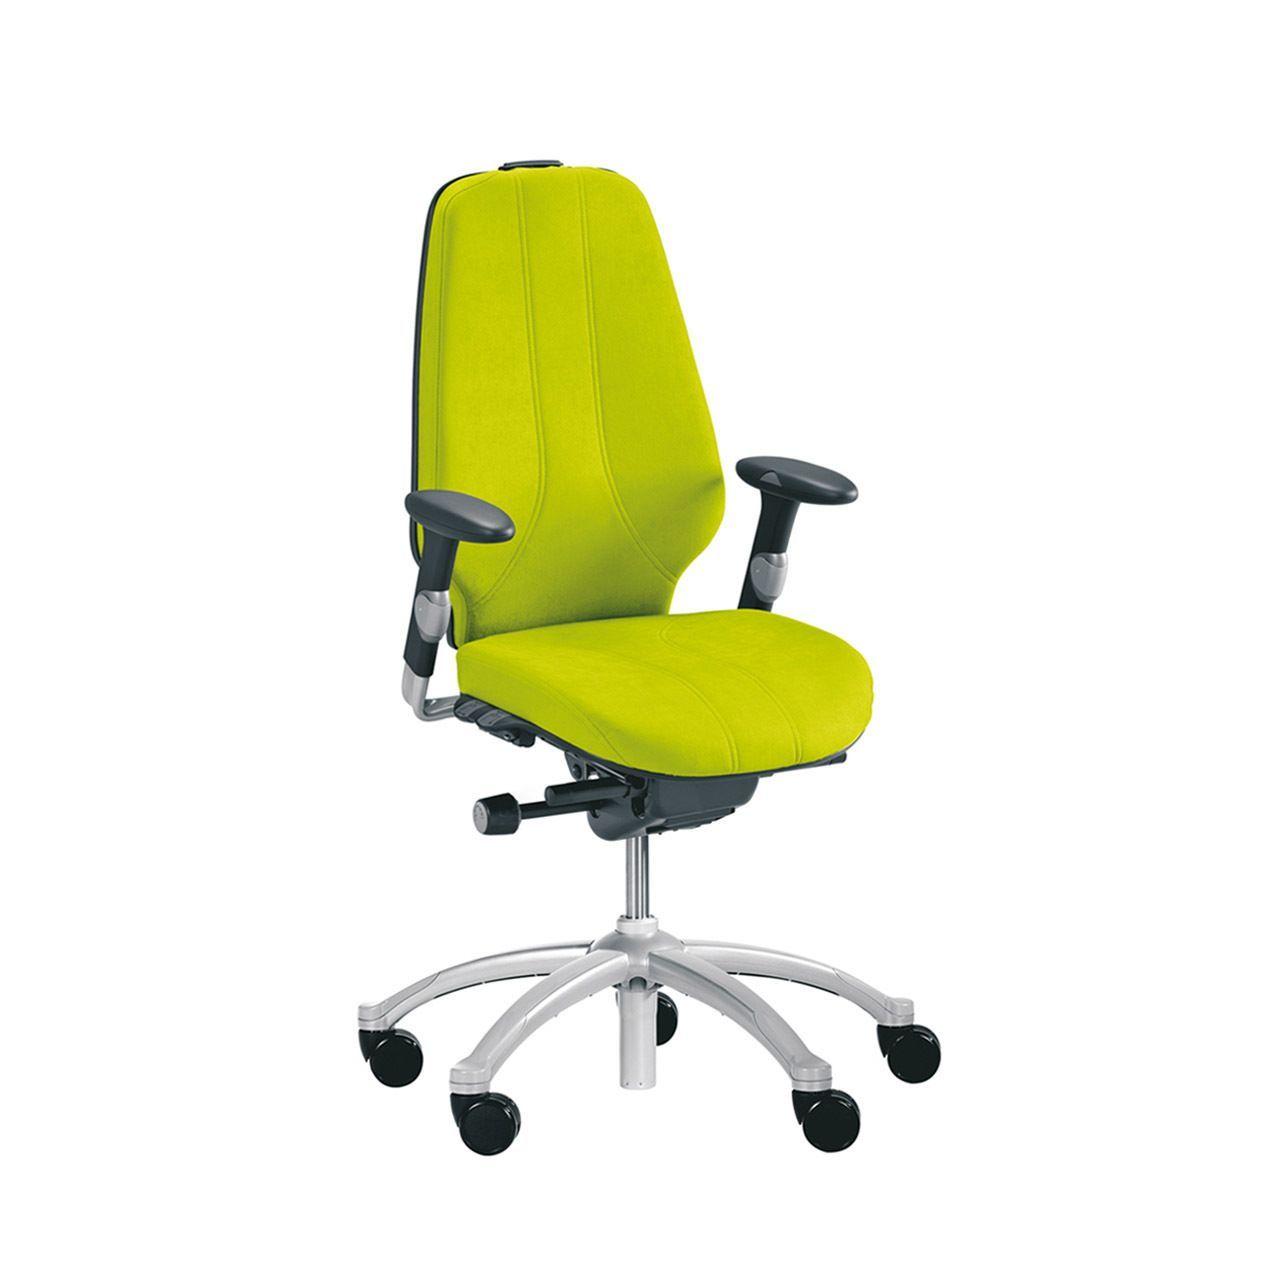 RH Logic 400 XL Ergonomische bureaustoel groen